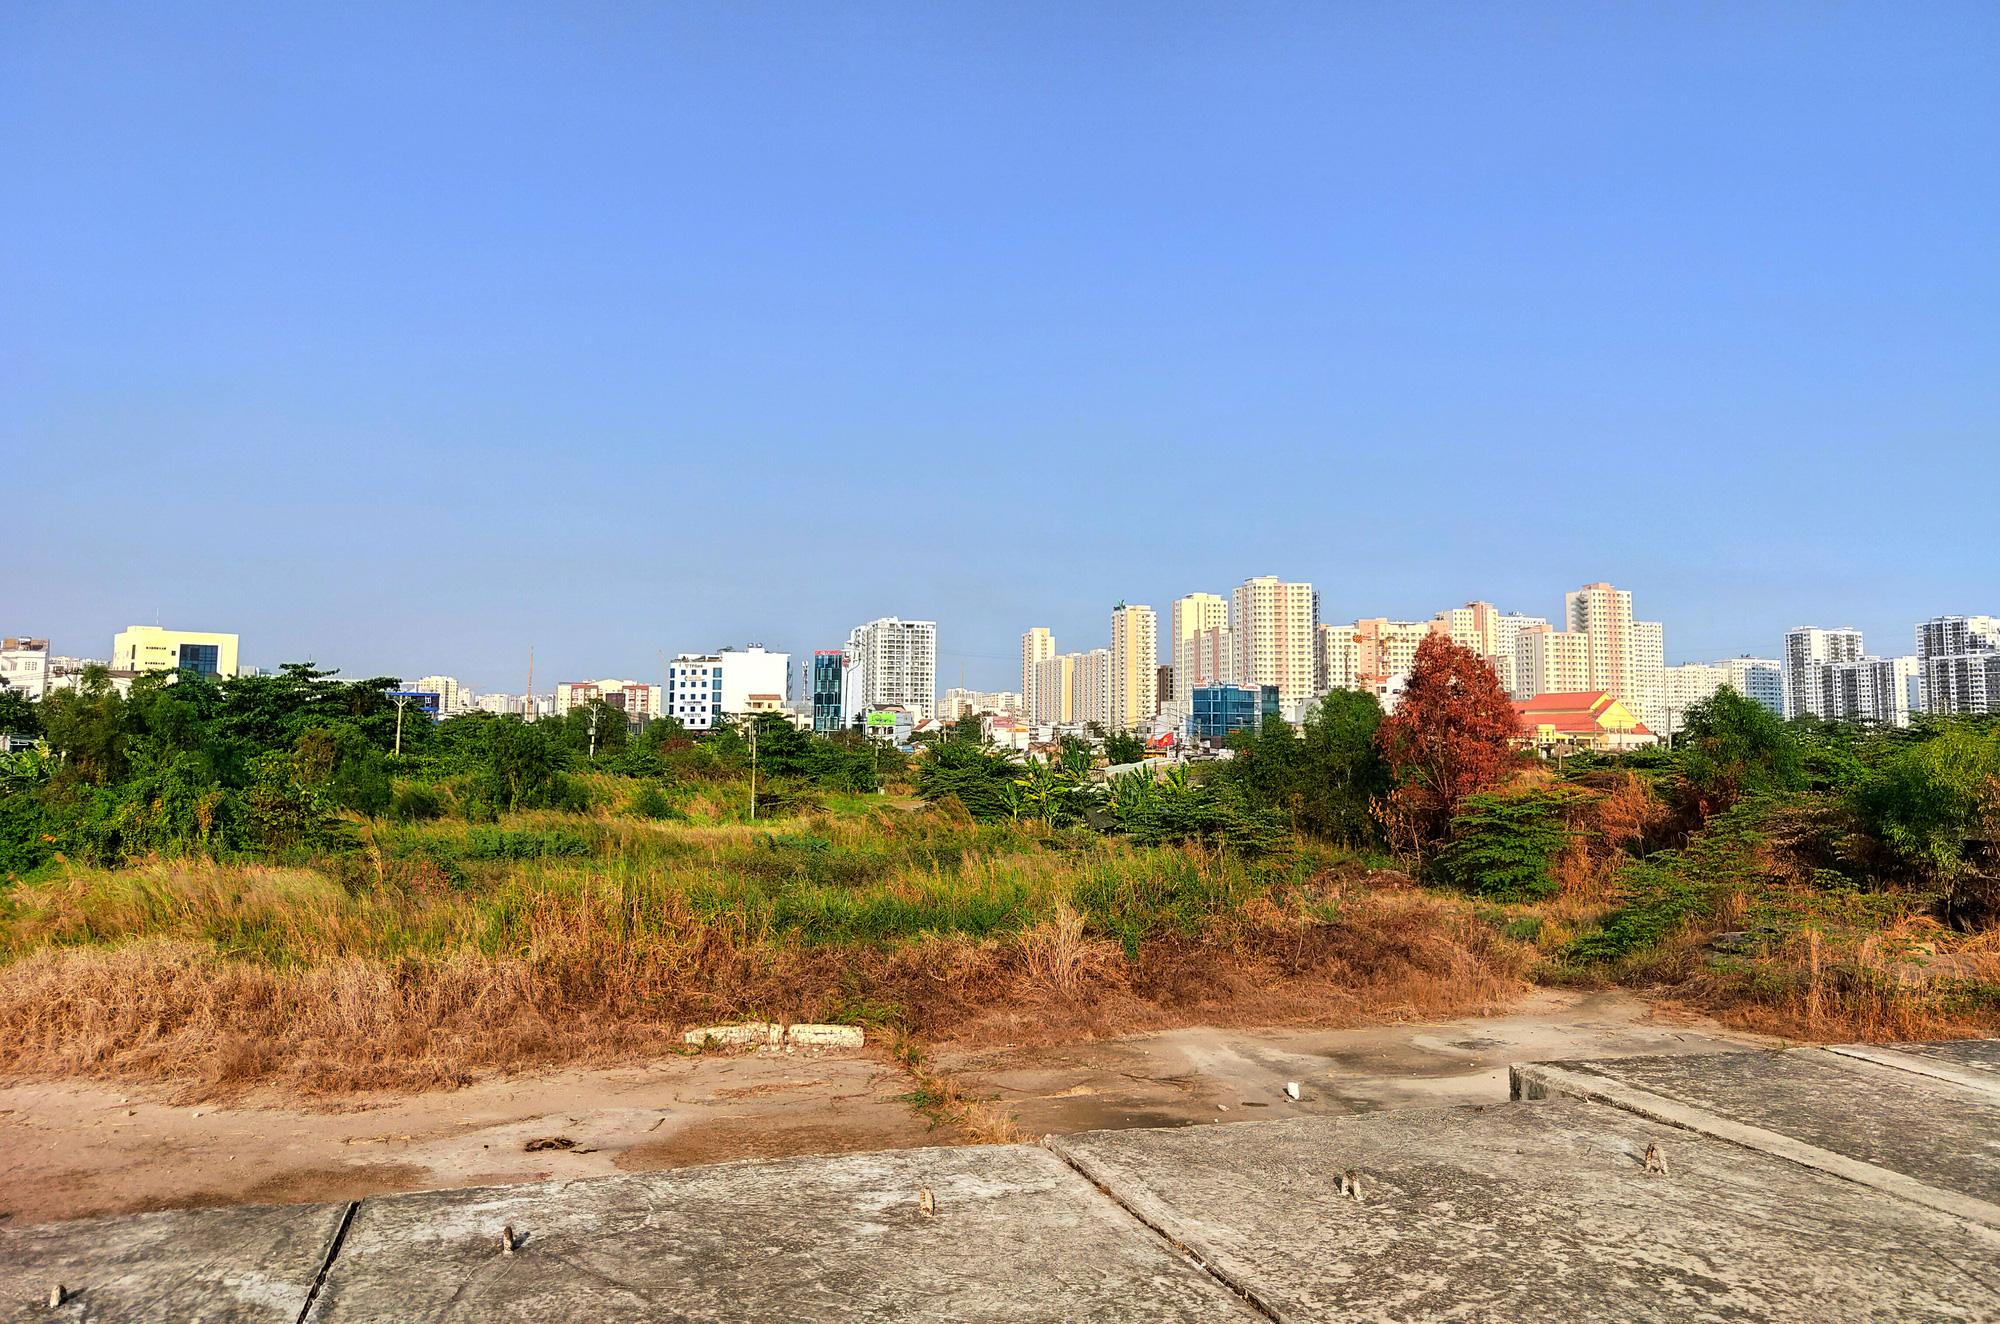 Toàn cảnh dự án Khu dân cư phía Bắc ở Thủ Thiêm của CII vừa được TP HCM cho tiếp tục triển khai - Ảnh 13.